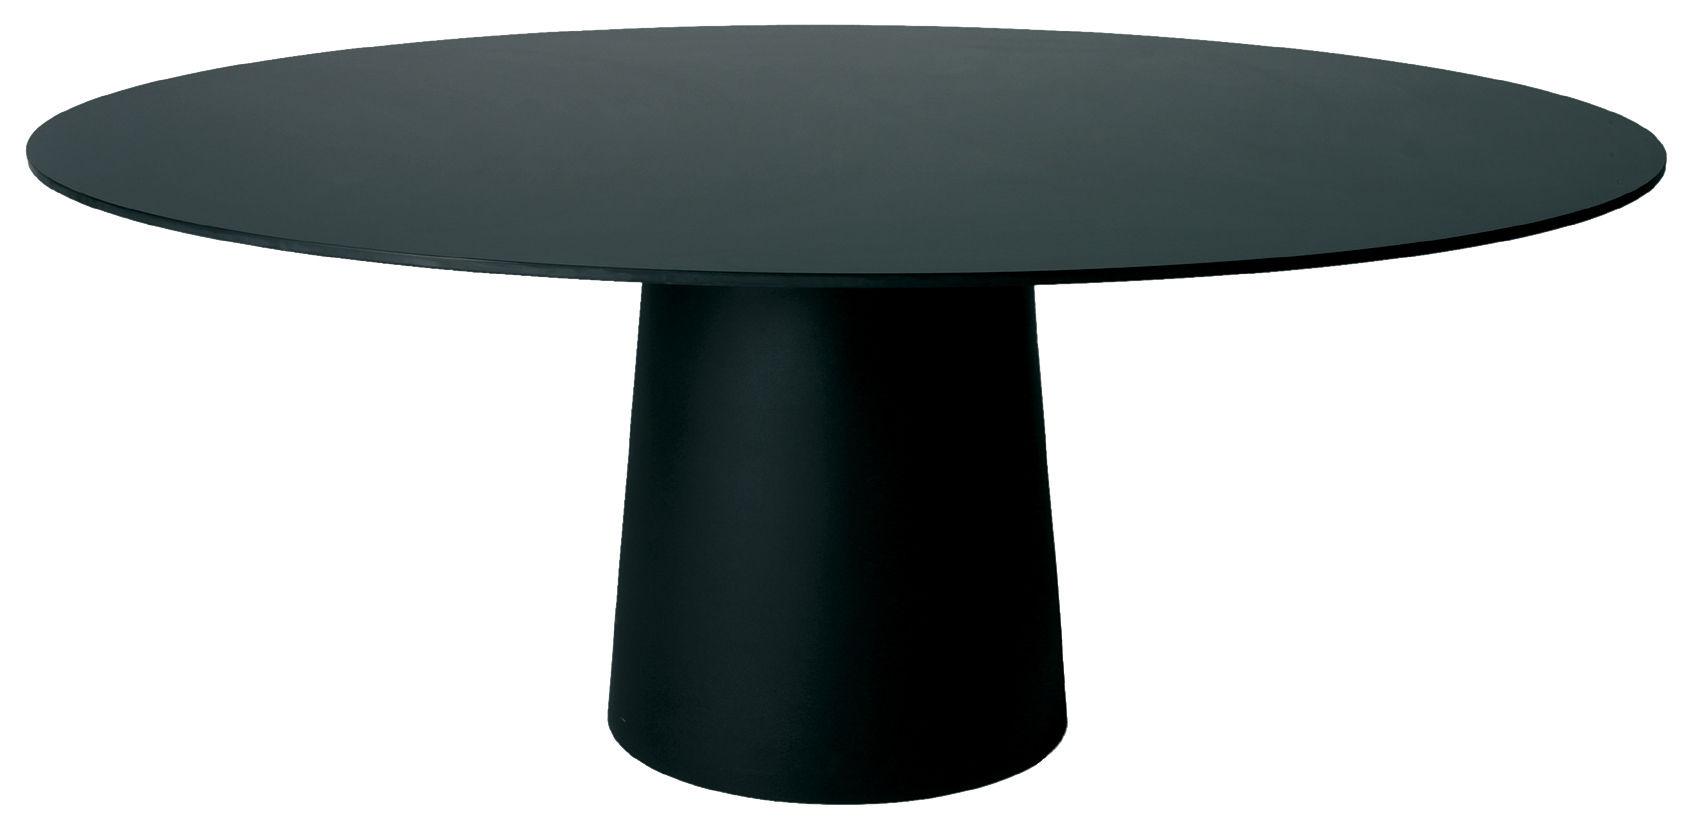 Outdoor - Tables de jardin - Accessoire table / Plateau Container Ø 140 cm - Moooi - Plateau noir - Ø 140 cm - HPL